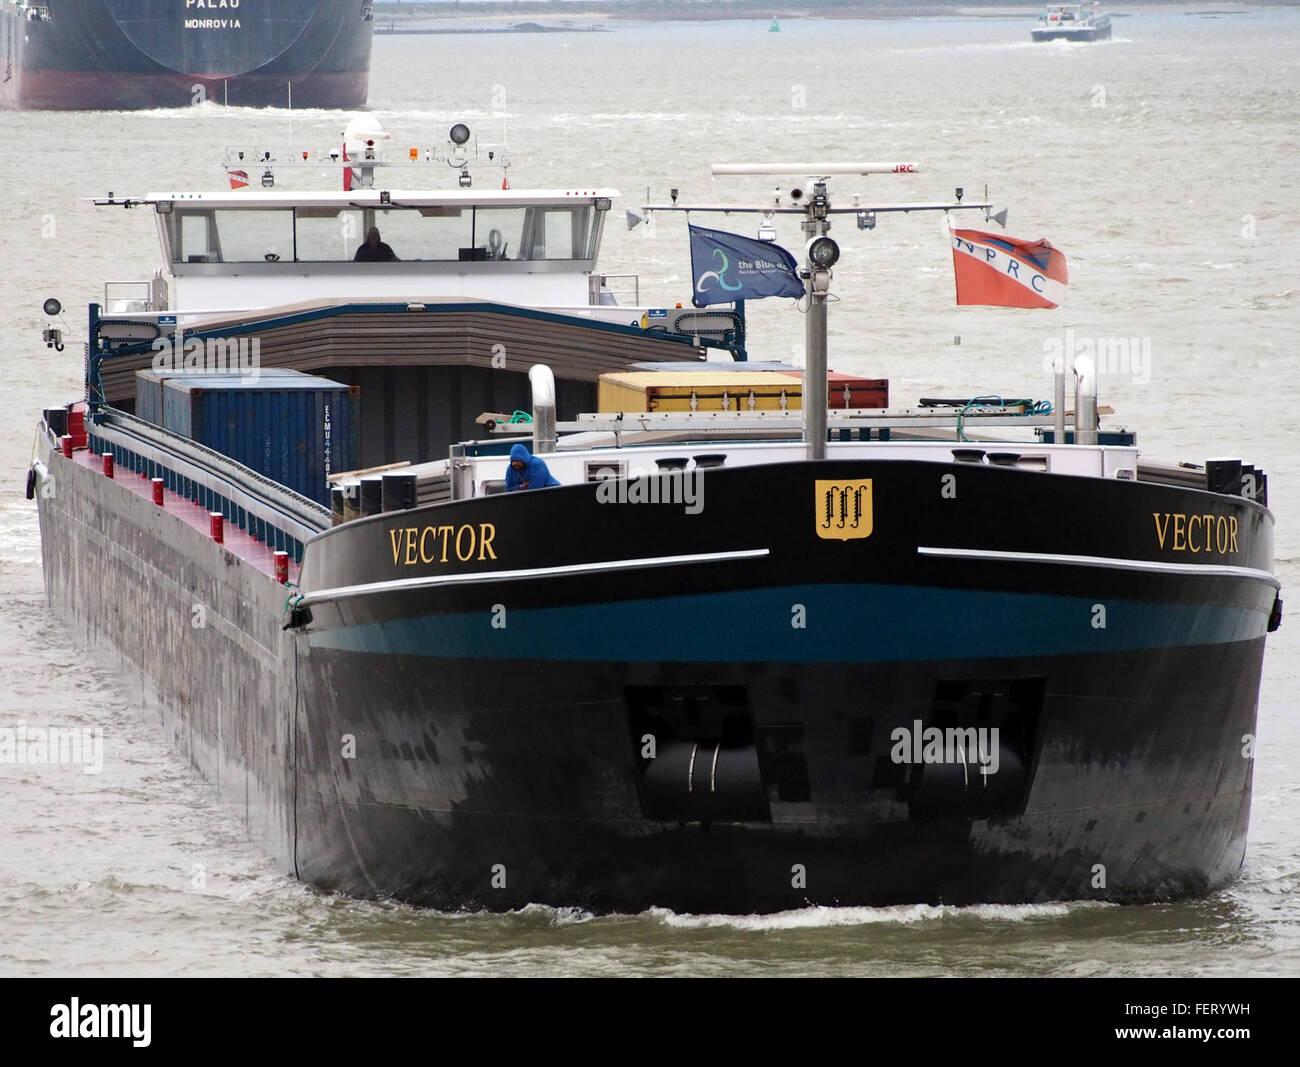 Vektor (Schiff, 2008), ENI 02331015 Hafen von Antwerpen pic4 Stockbild